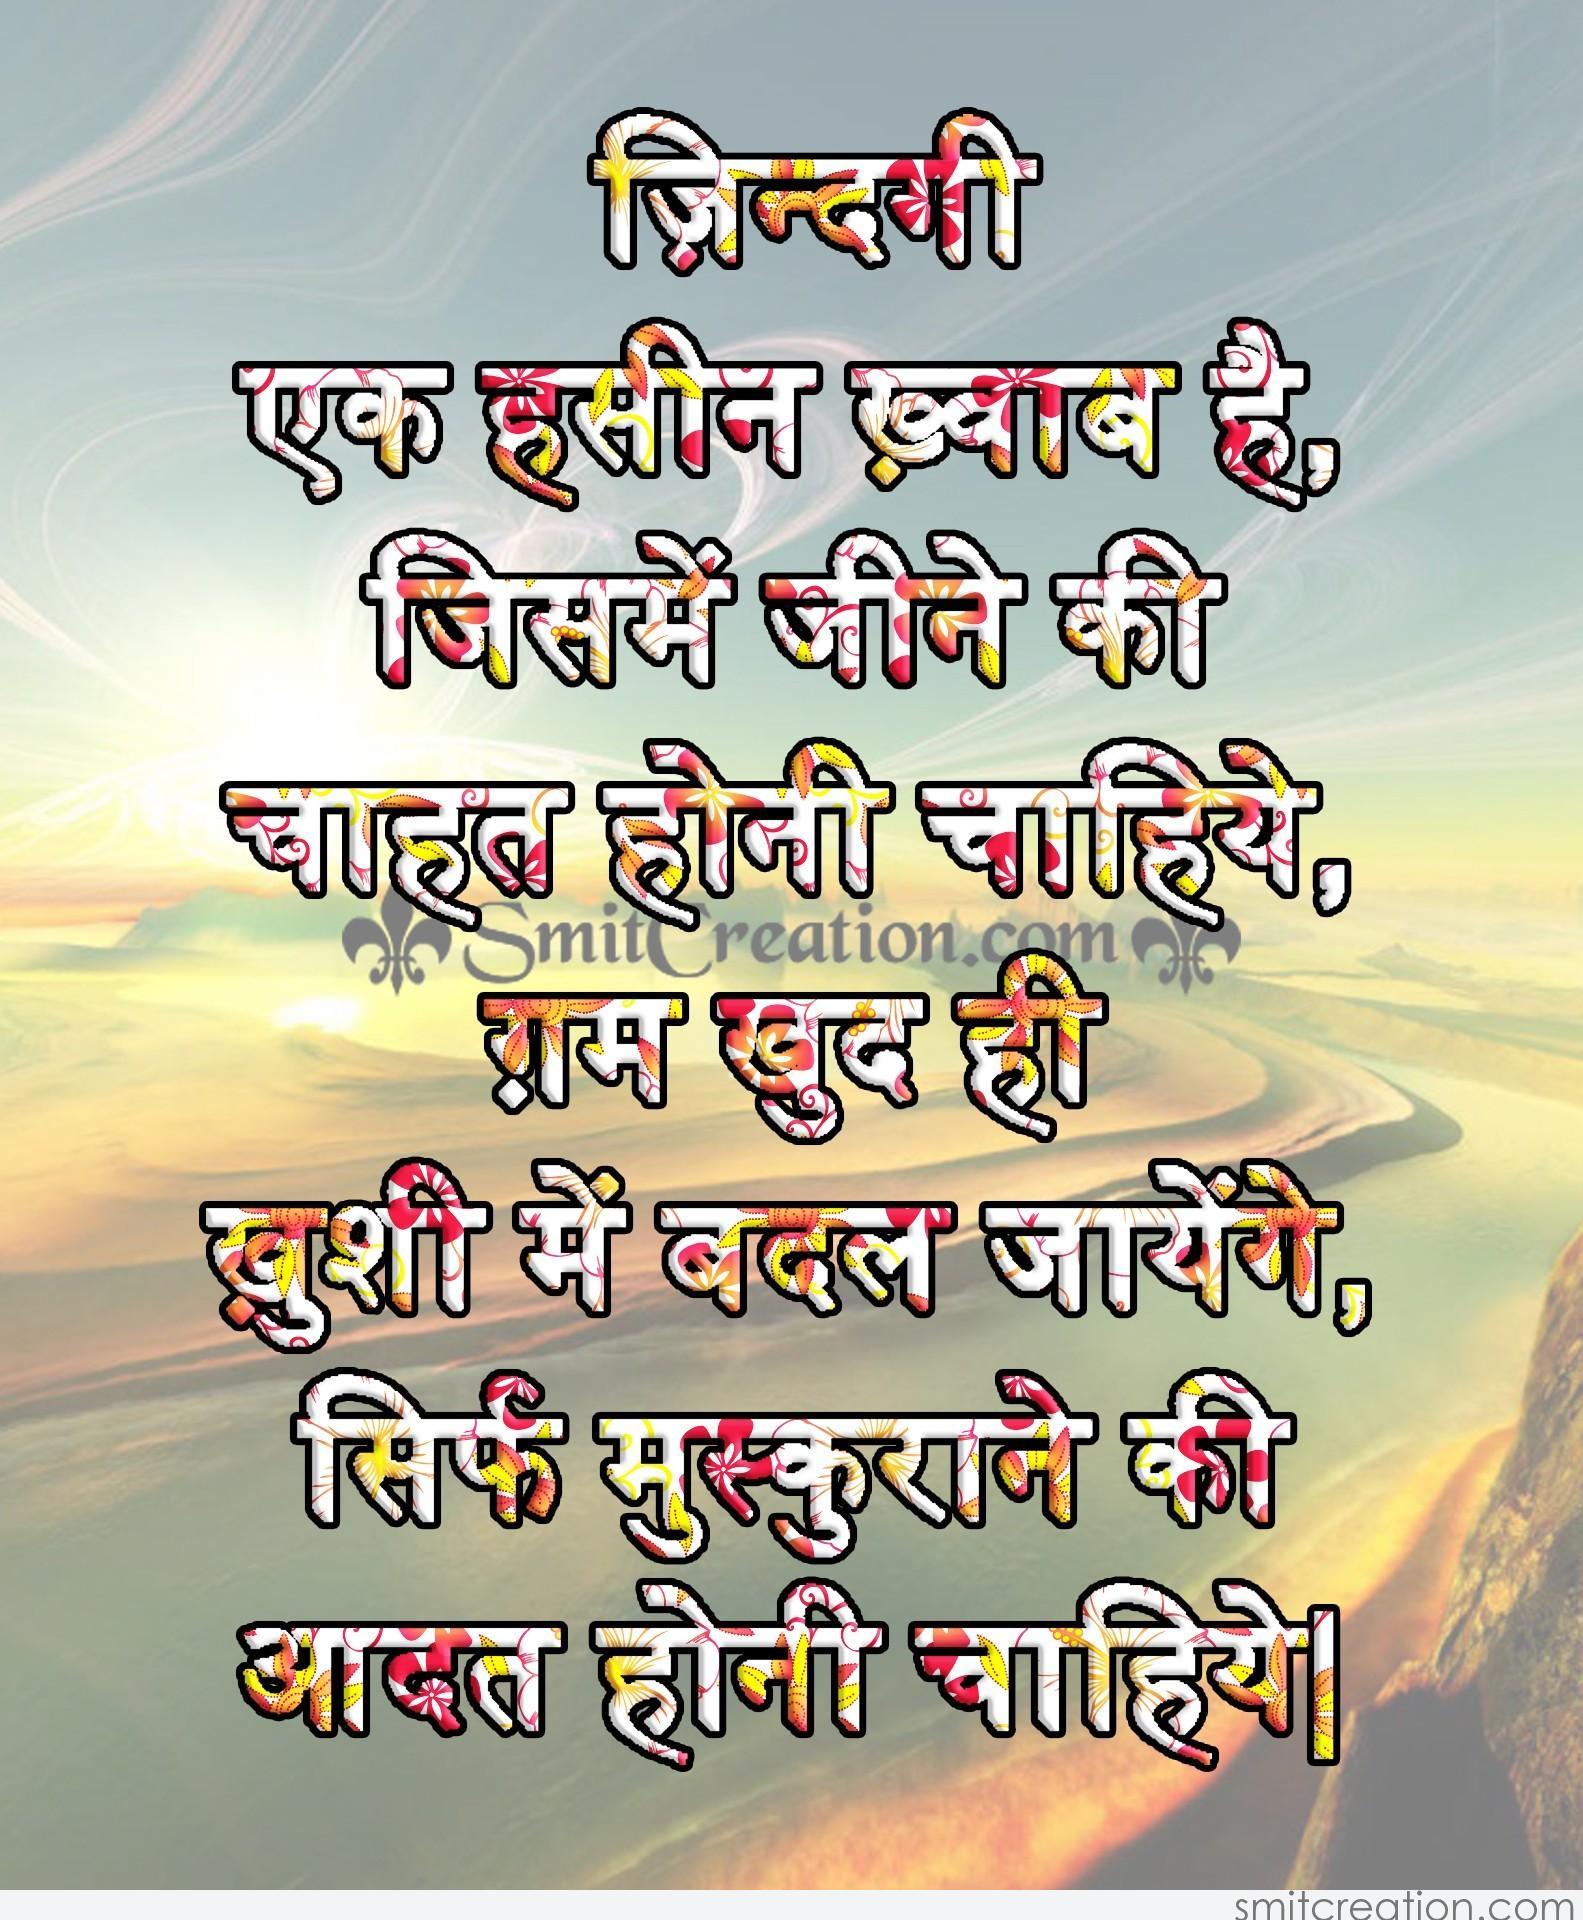 Jindgi Ek Haseen Kheab Hai - SmitCreation.com